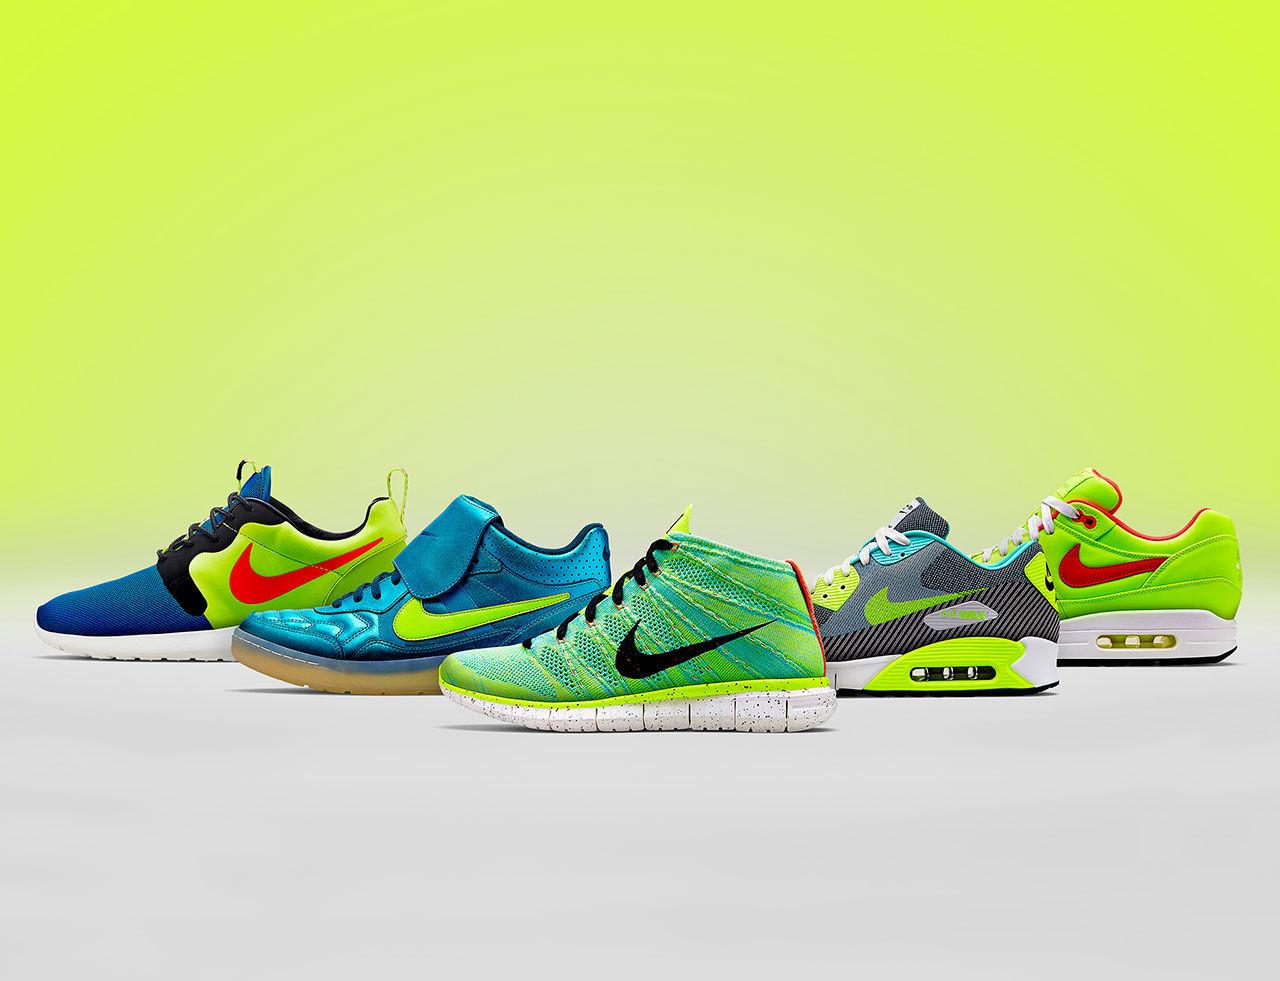 Nike-kollektion inspirerad av fotbollen